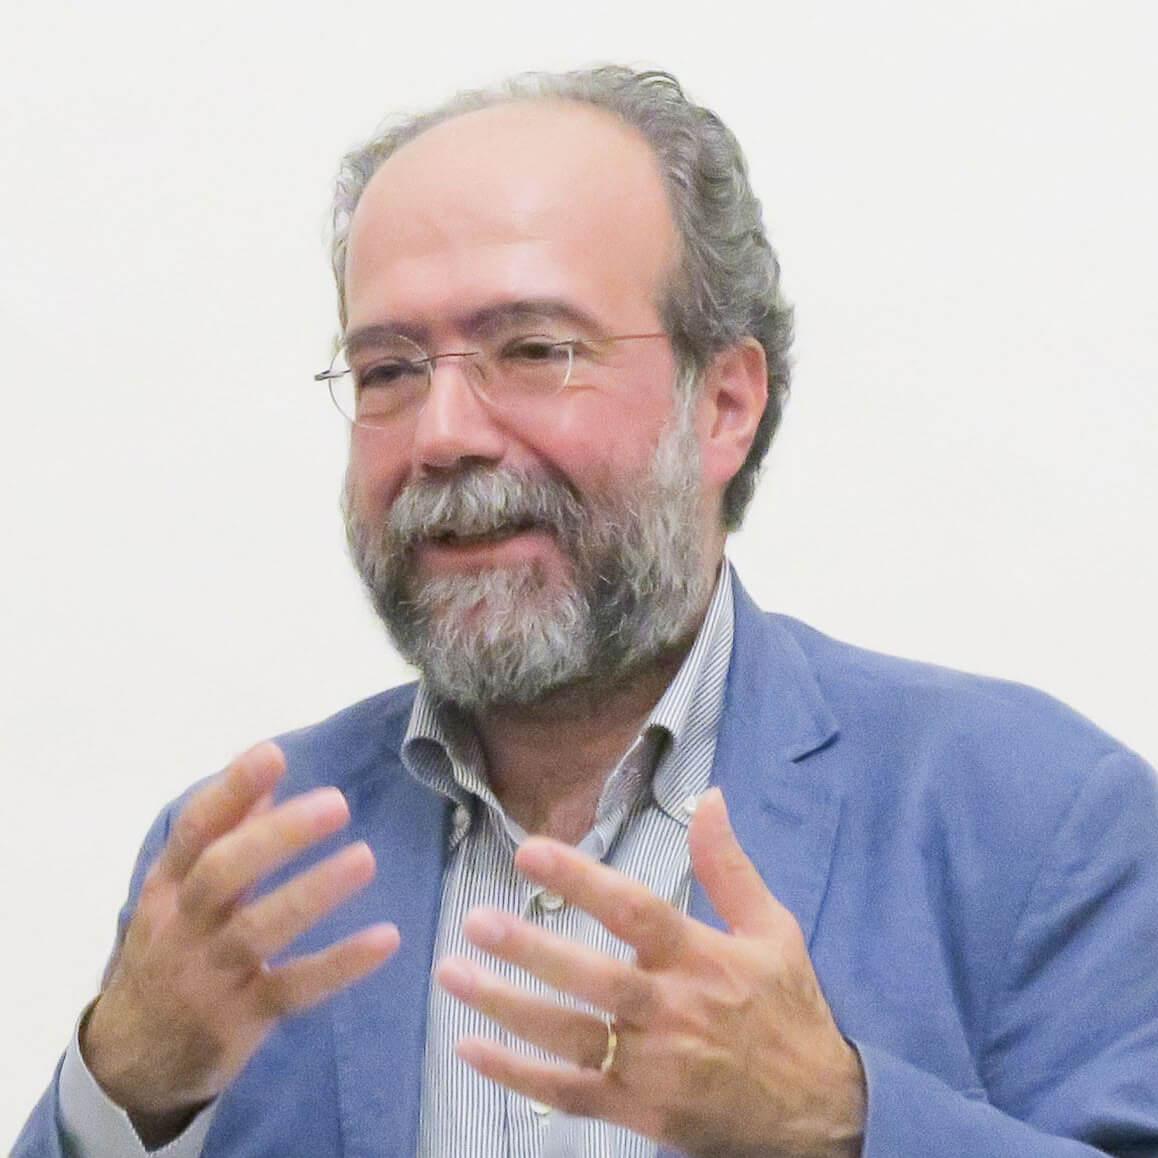 Antonio Sichera